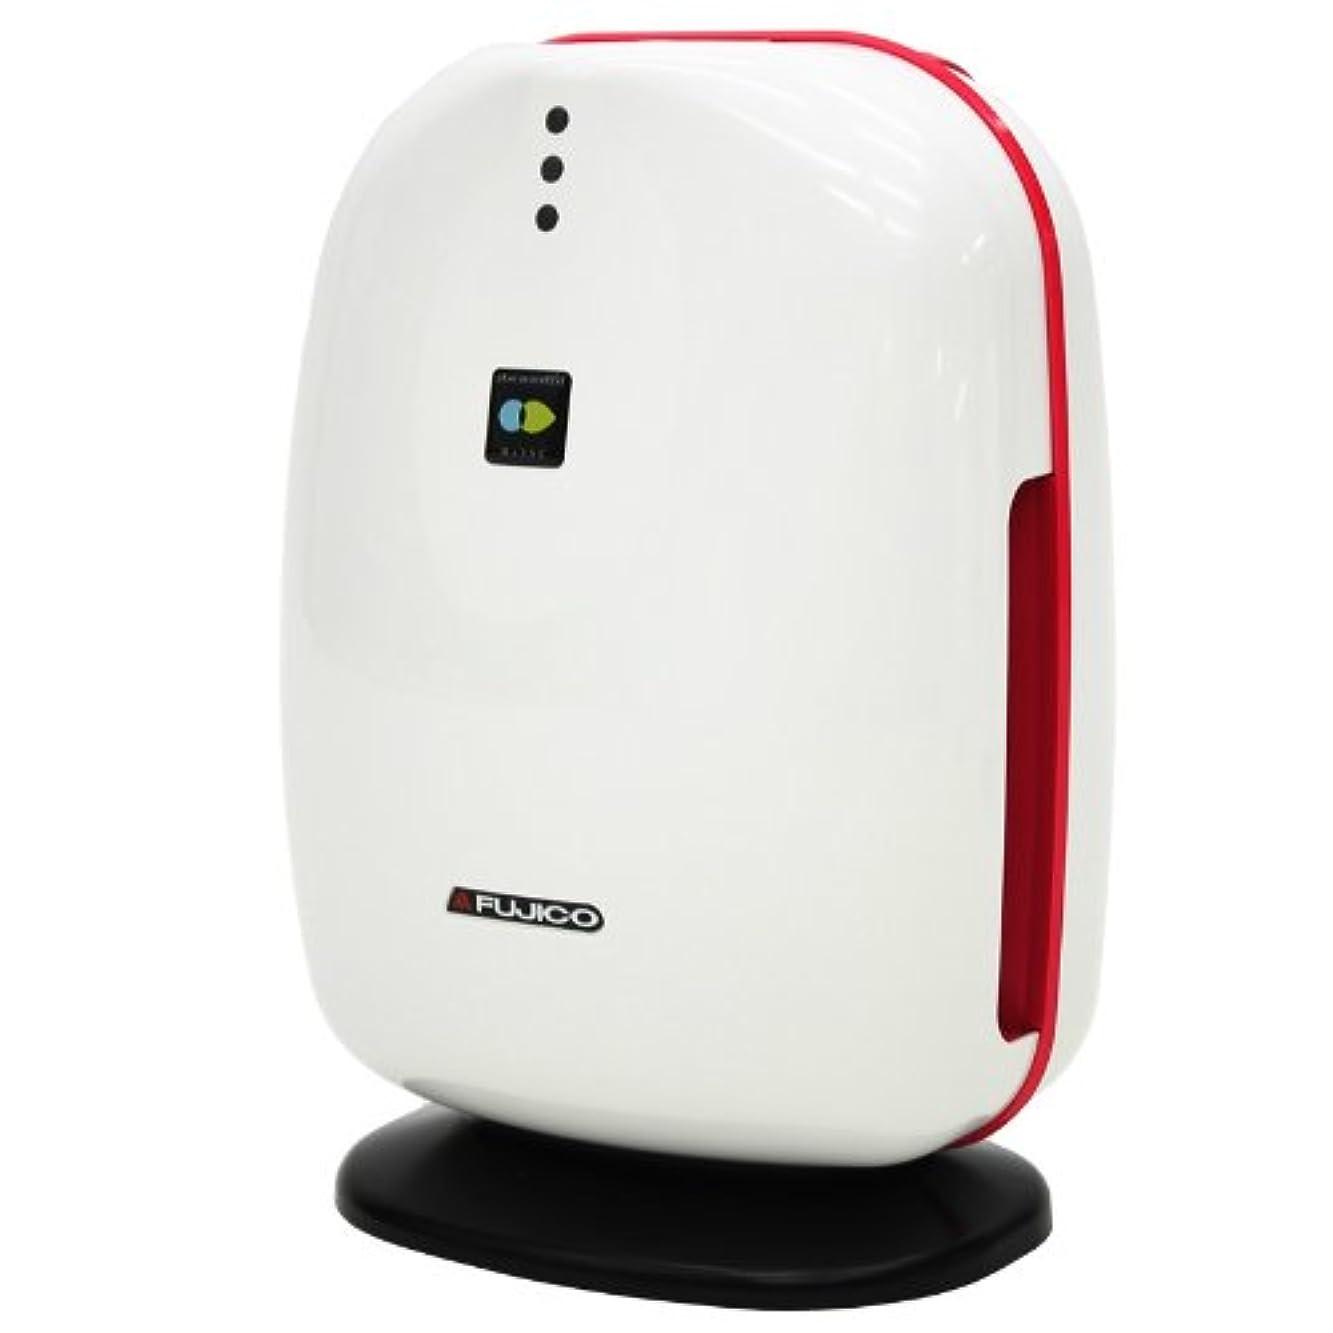 つかまえるおじさんリングレット空気消臭除菌装置マスククリーンMC-V2 ピンク